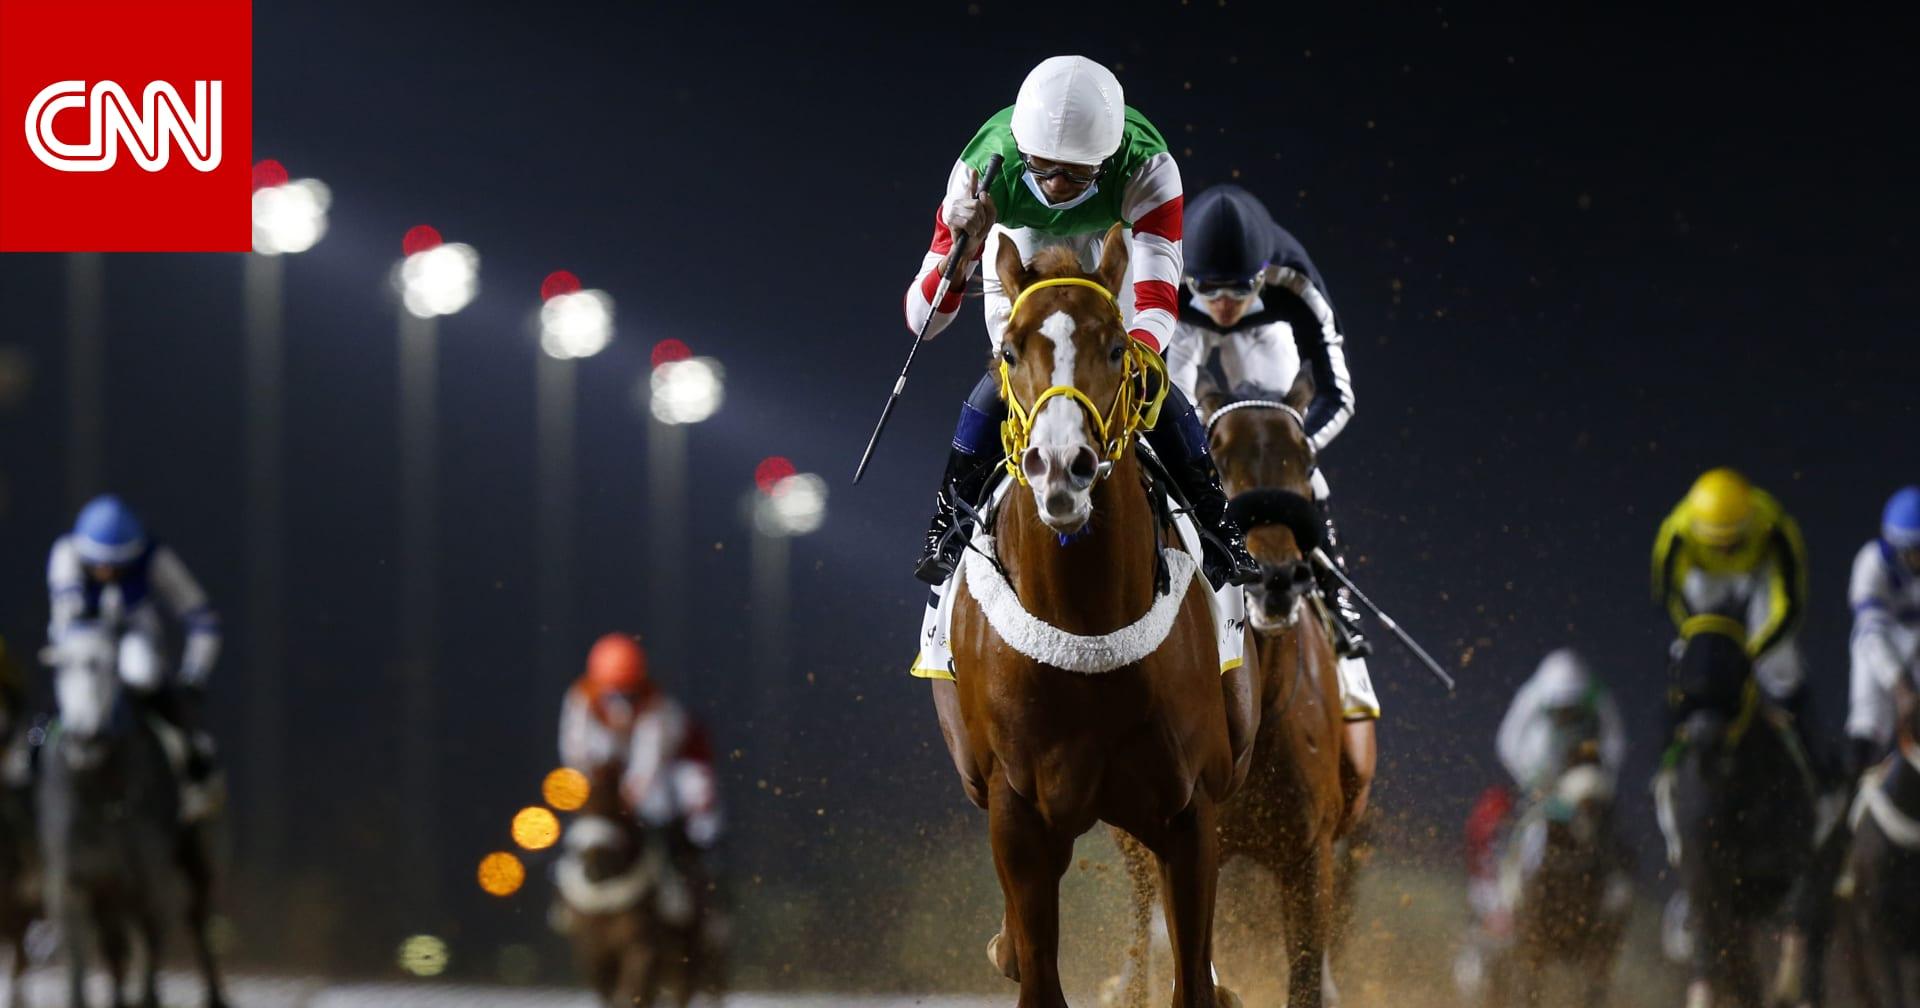 ولي العهد السعودي يتوج الفائز بكأس السعودية الأغلى في تاريخ سباقات الخيل